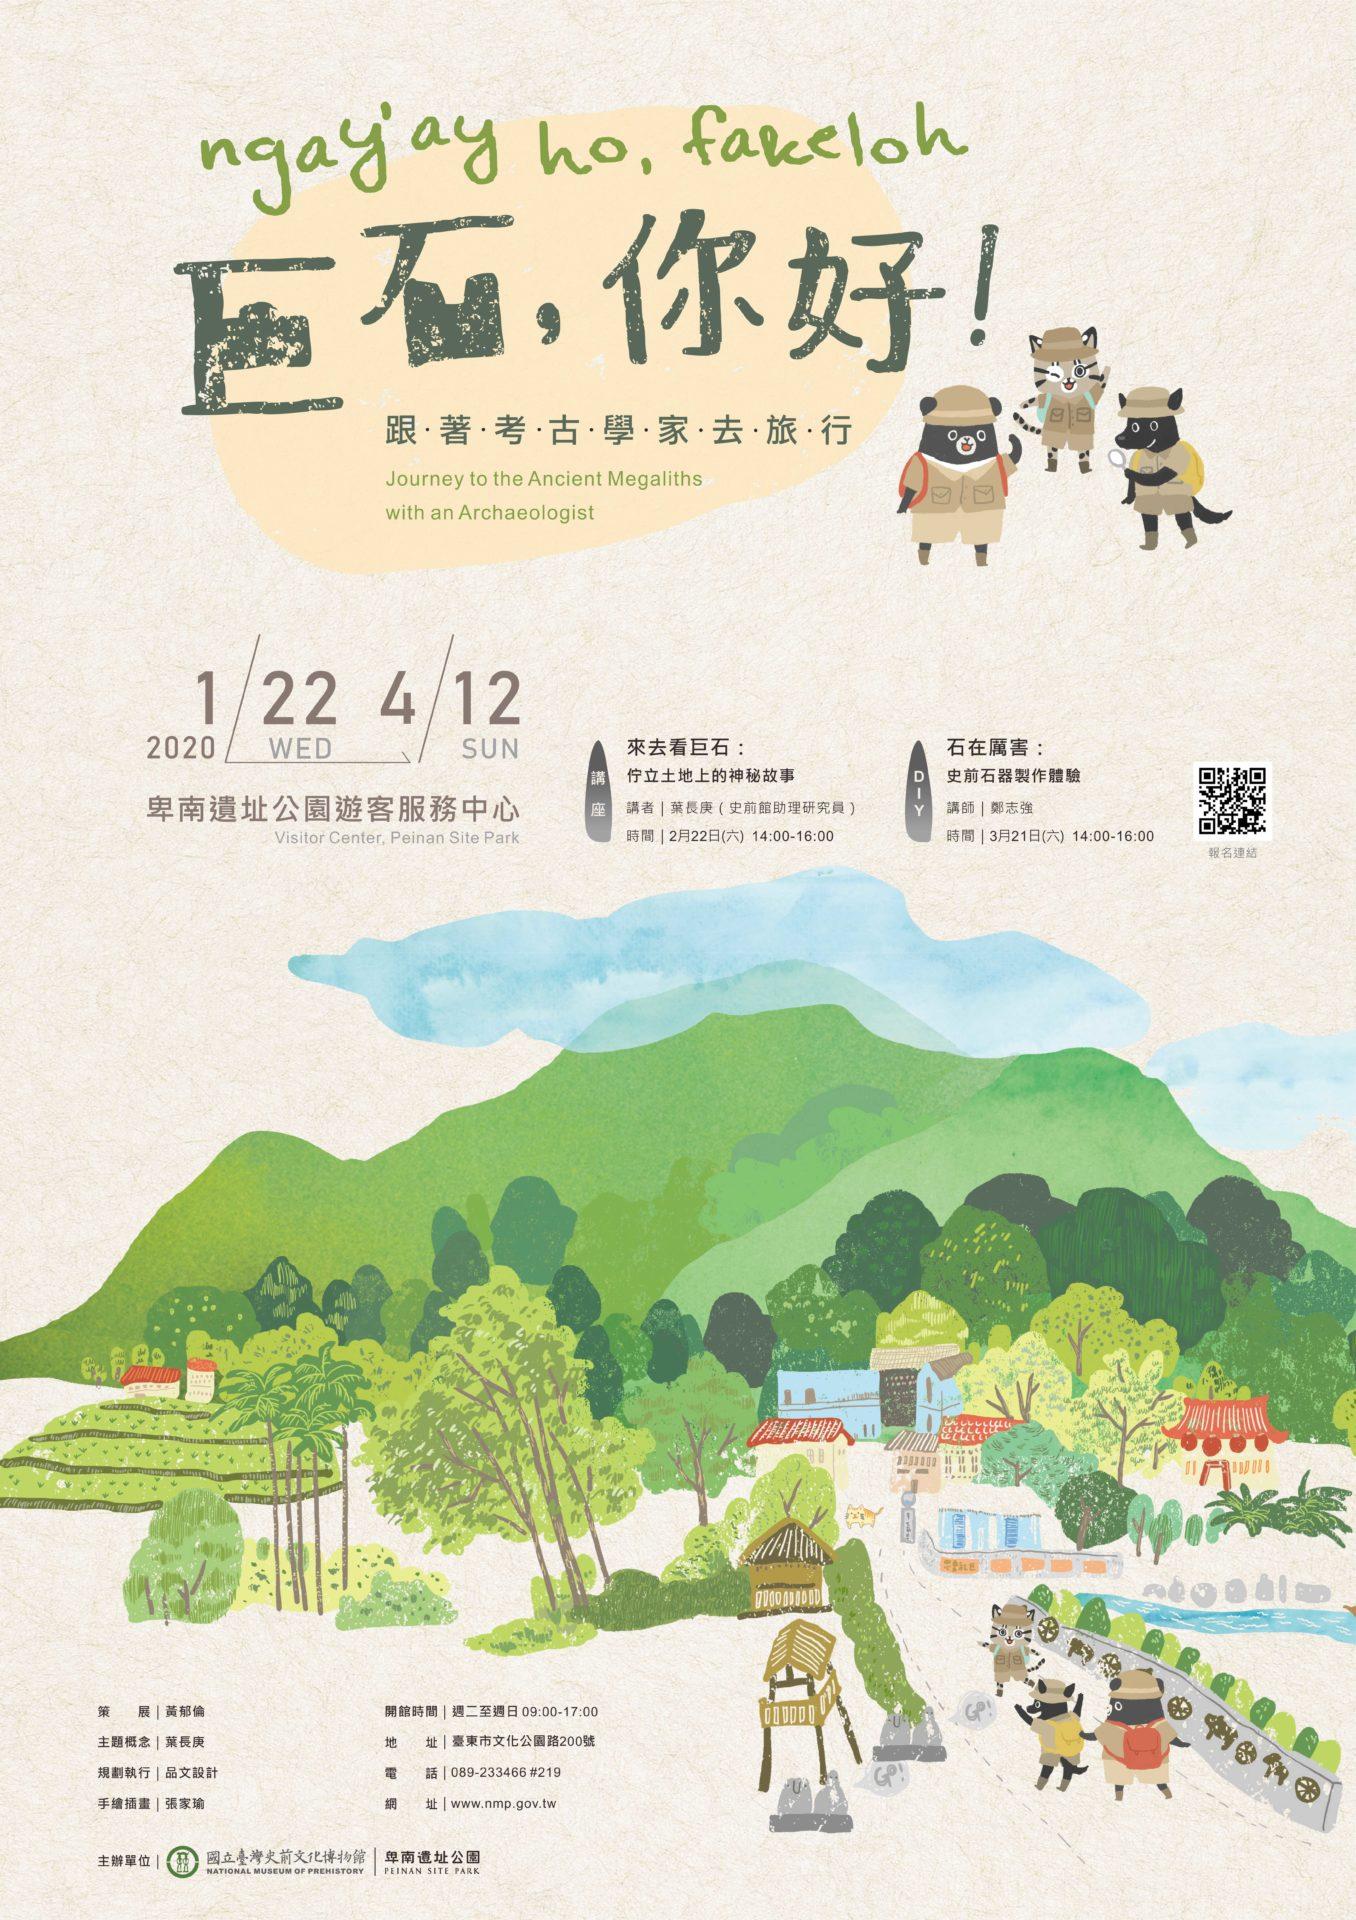 卑南遺址公園:2020/01/22-2020/04/12【巨石,你好!跟著考古學家去旅行】